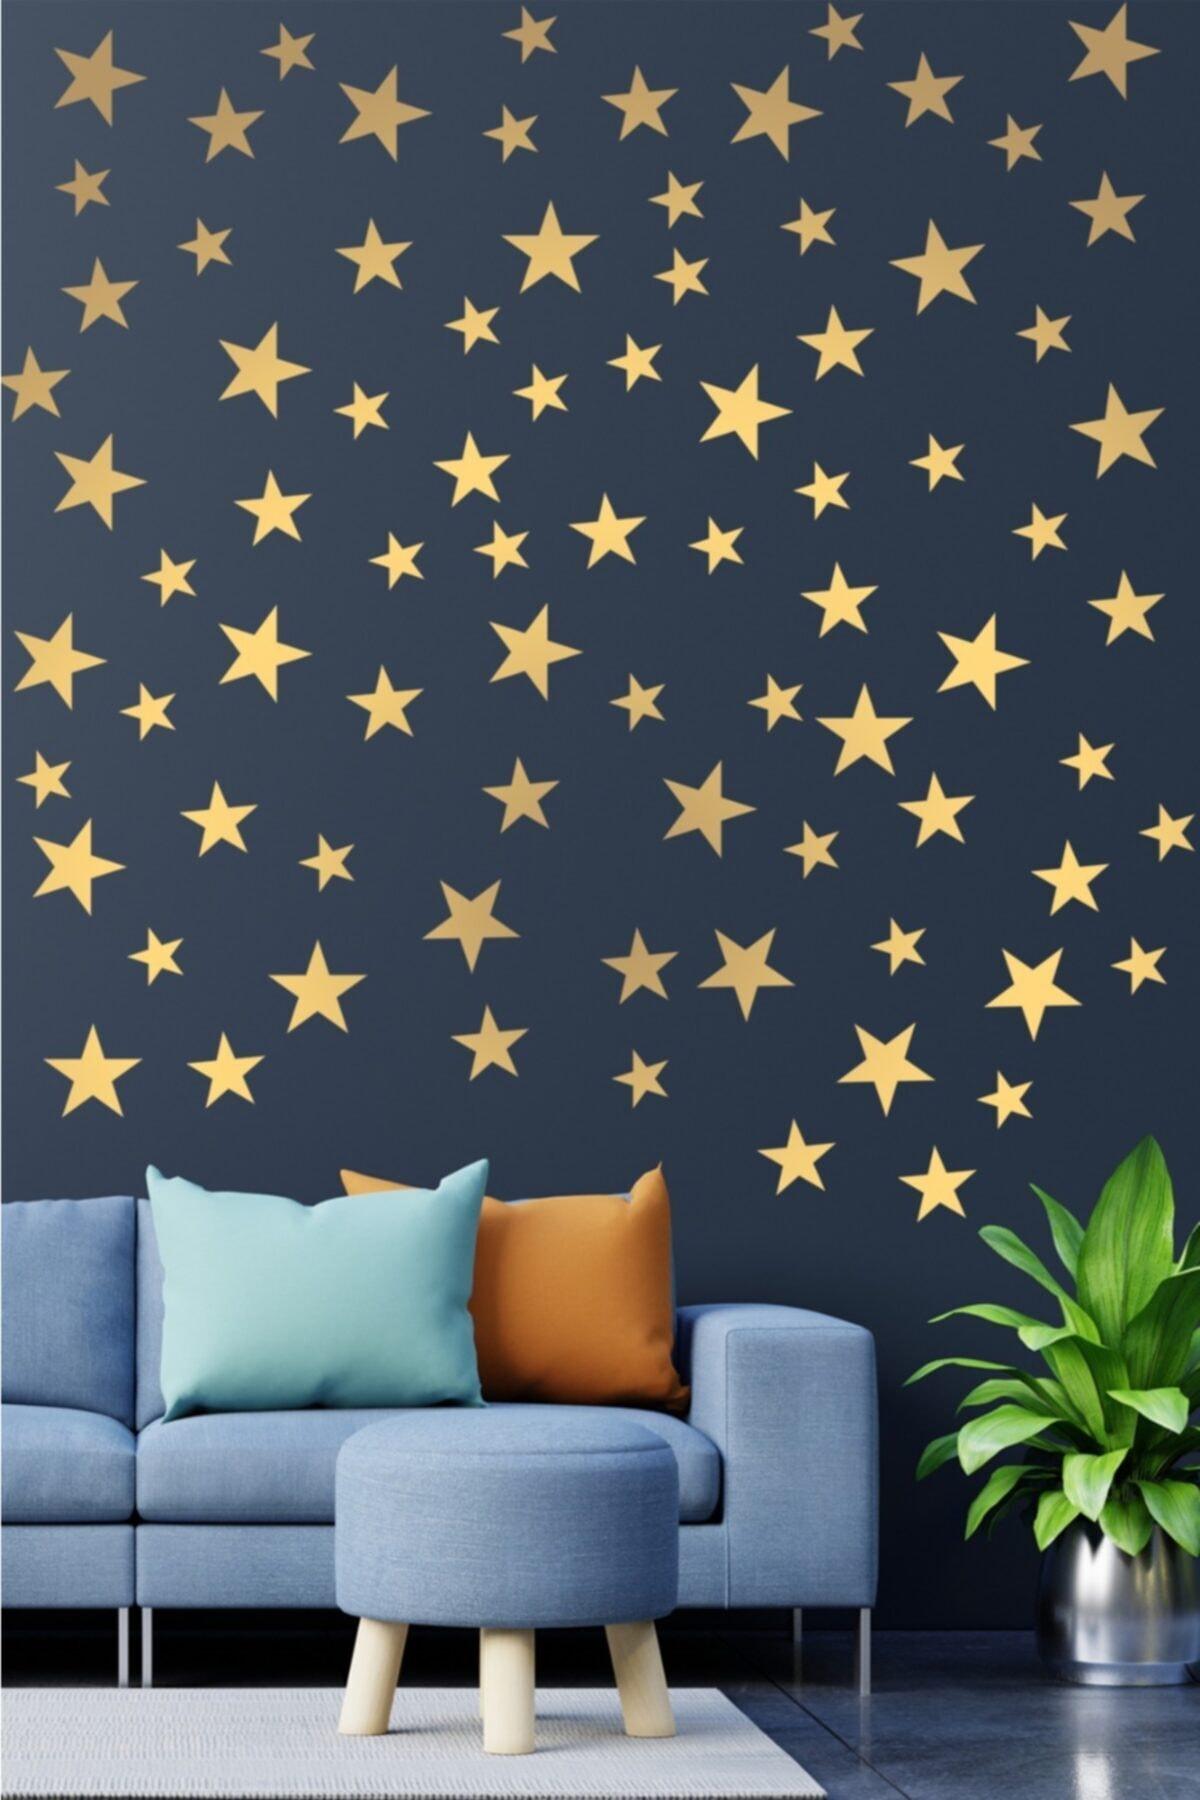 Çocuk Bebek Odası 100 Adet Metalize Altın Rengi Yıldız Dekoratif Duvar Sticker